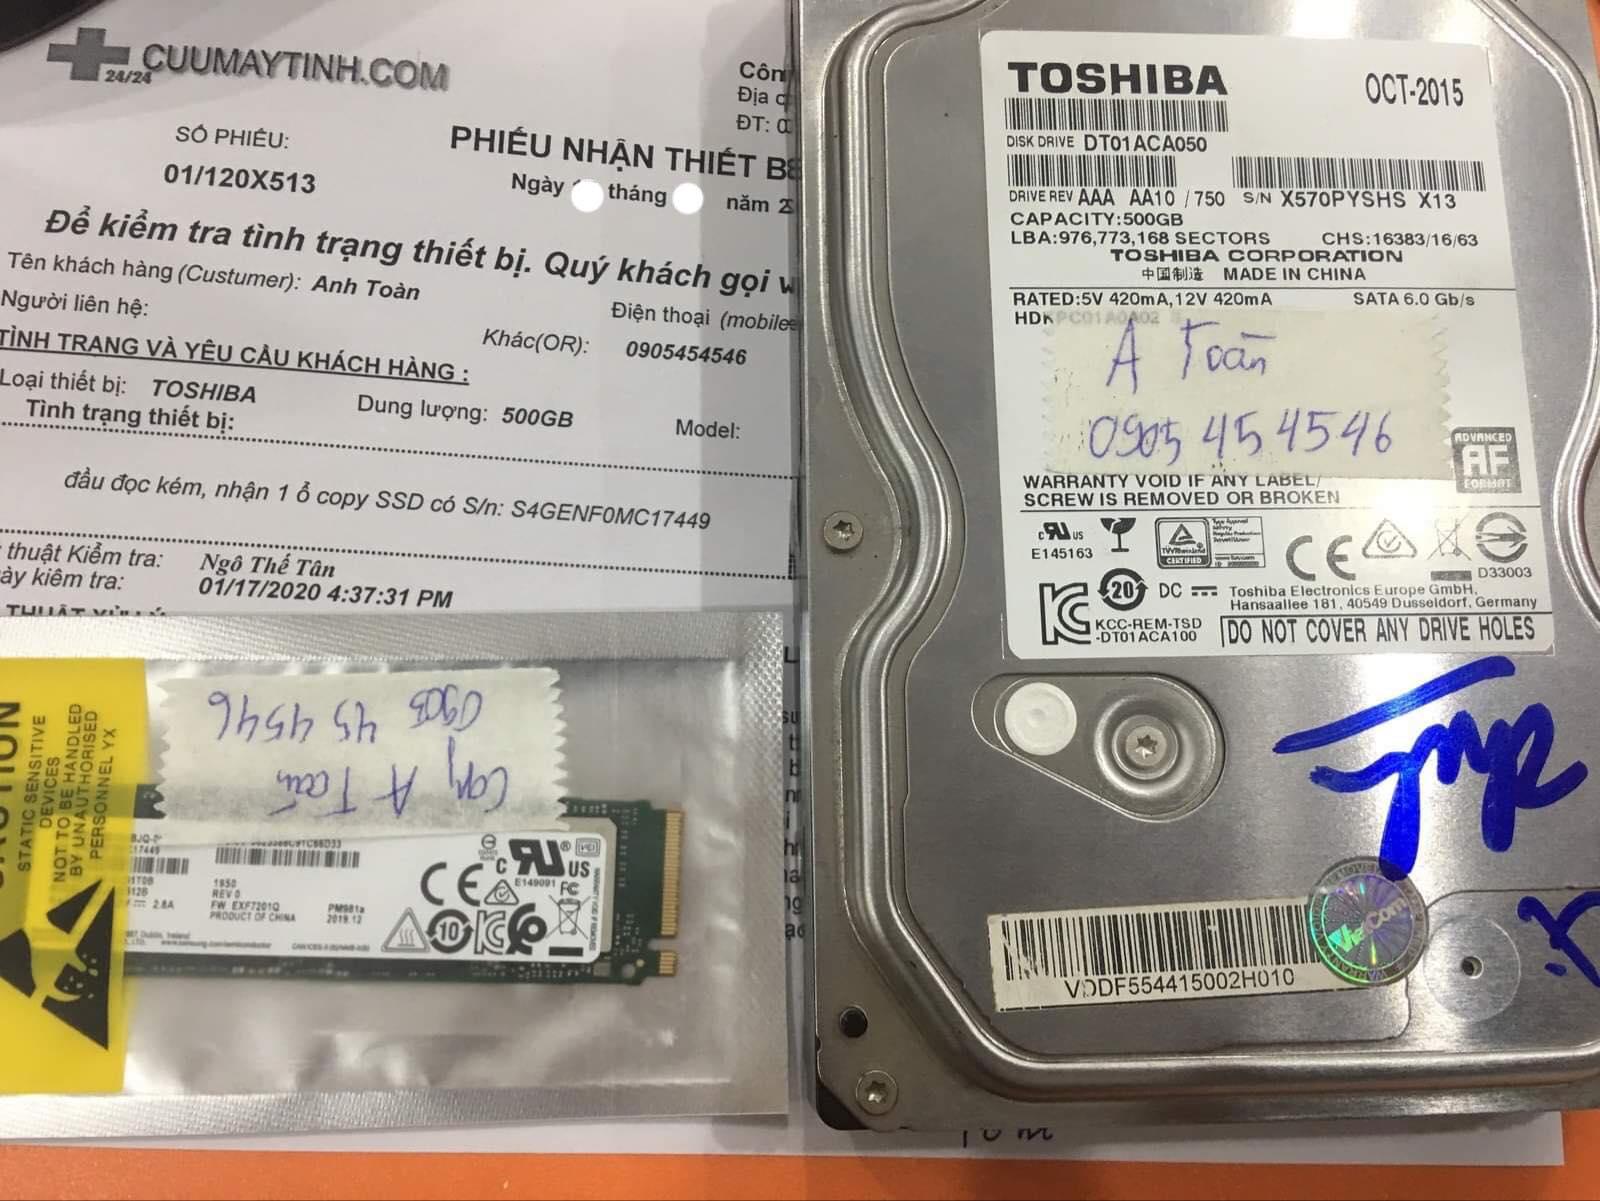 Khôi phục dữ liệu Toshiba 500GB đầu đọc kém 03/02/2002 - cuumaytinh